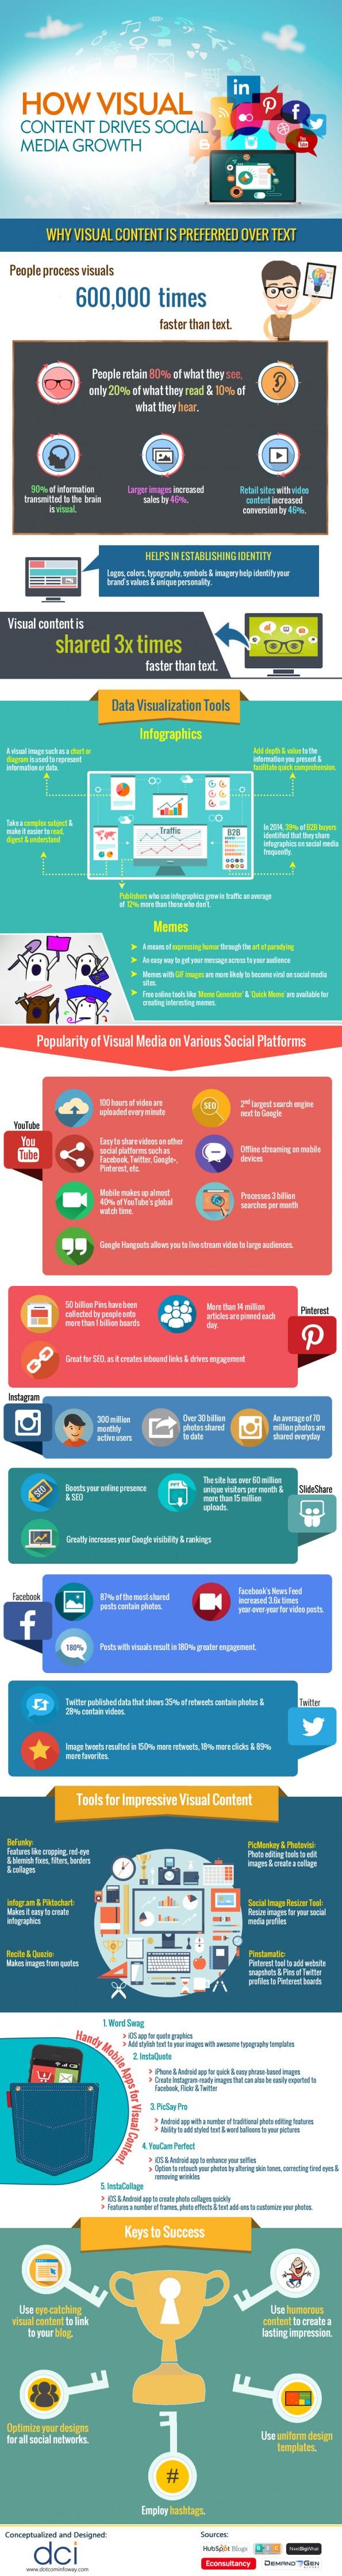 maak zelf de beste visuele content met deze handige tips & tricks infographic